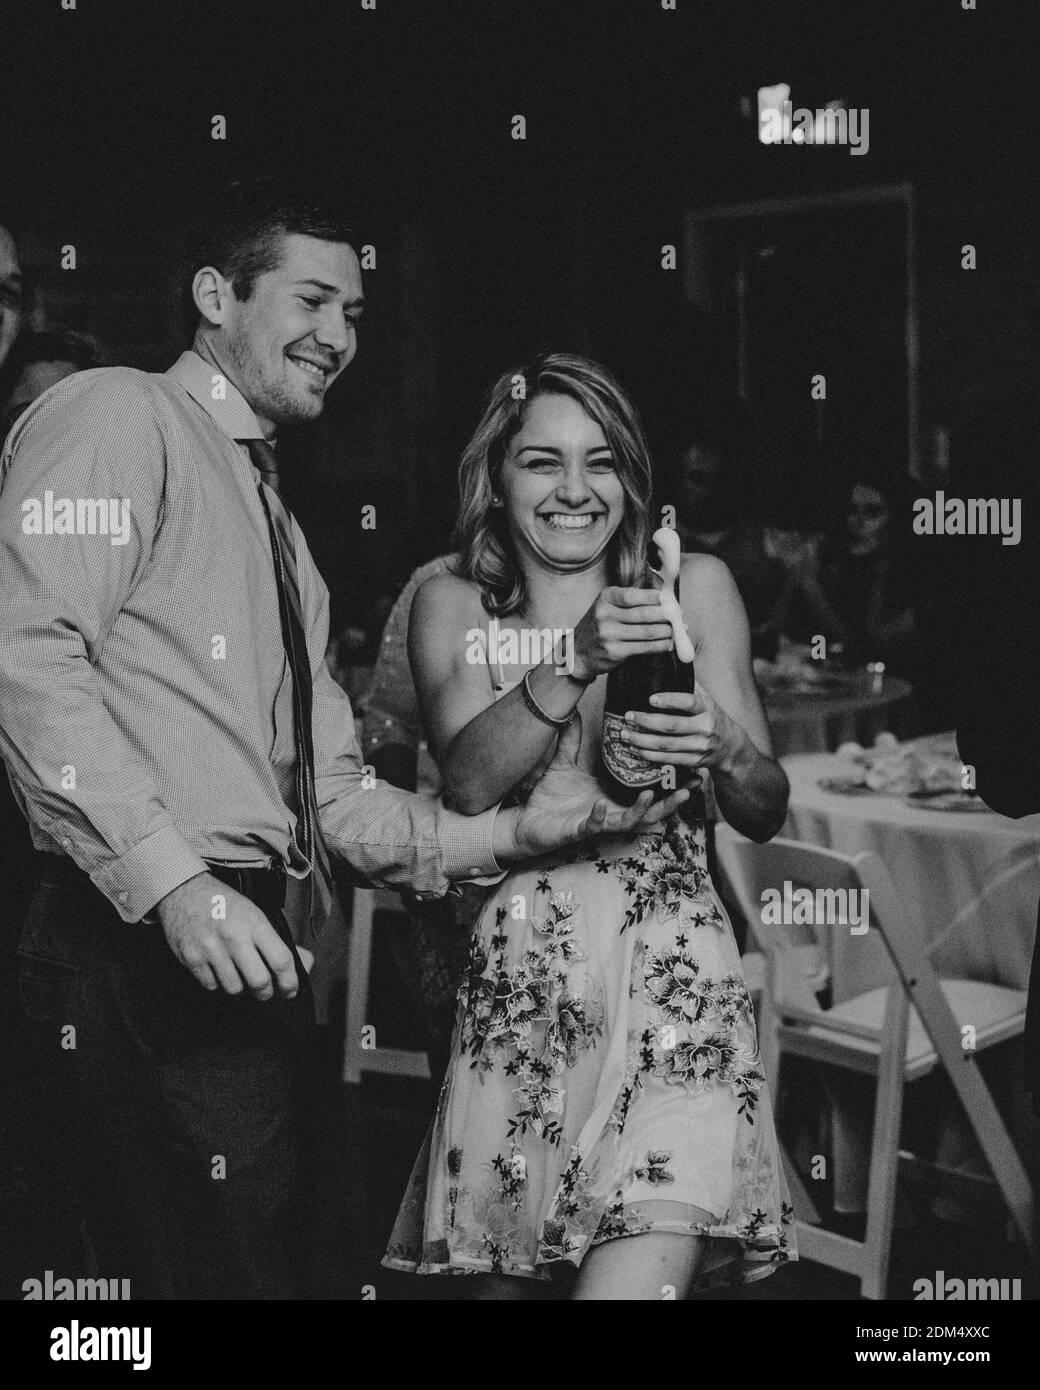 Champaña de apertura para una pareja feliz en el restaurante Foto de stock